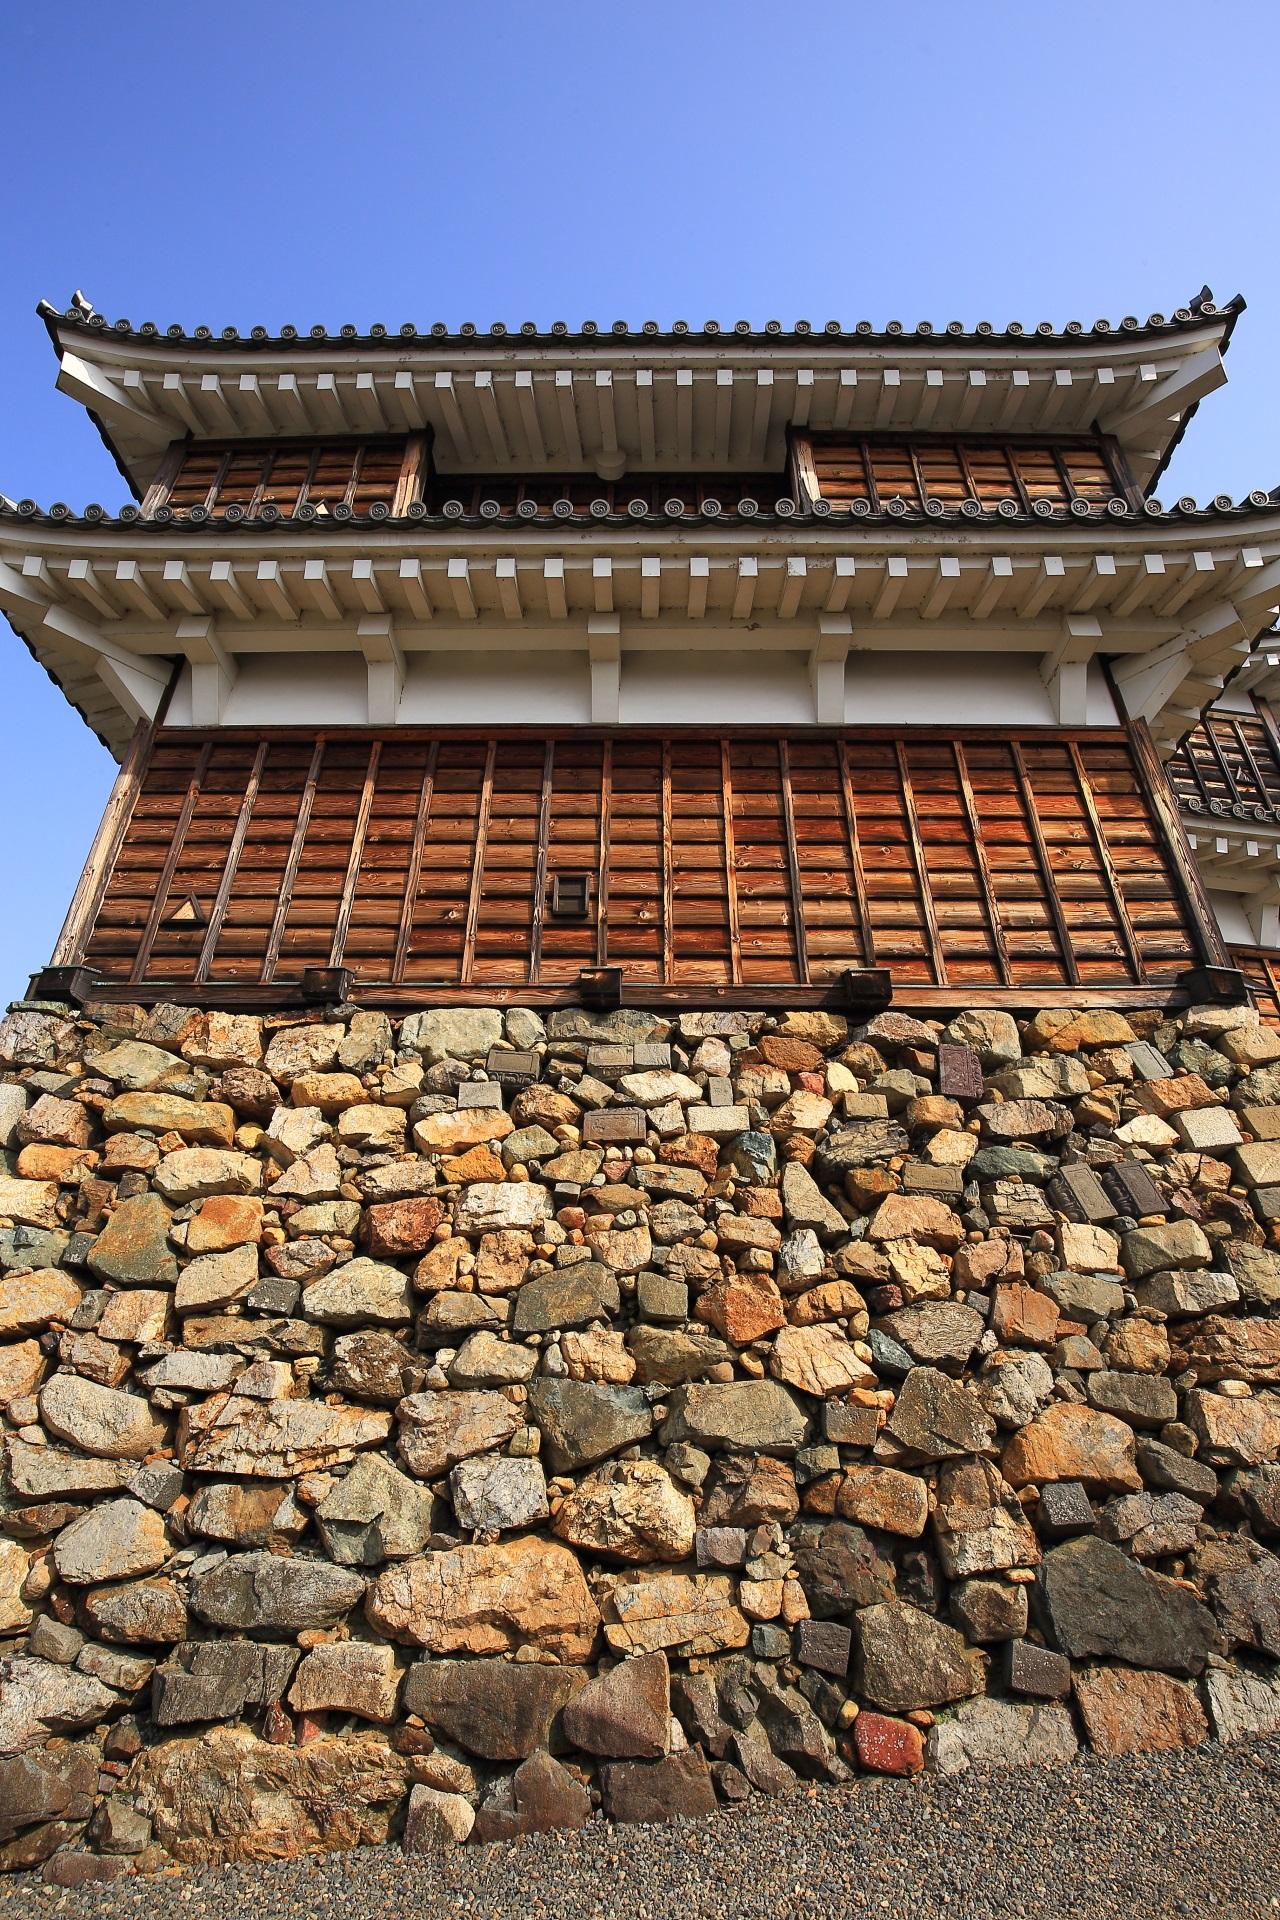 転用石が用いられる福知山城の天守台の石垣